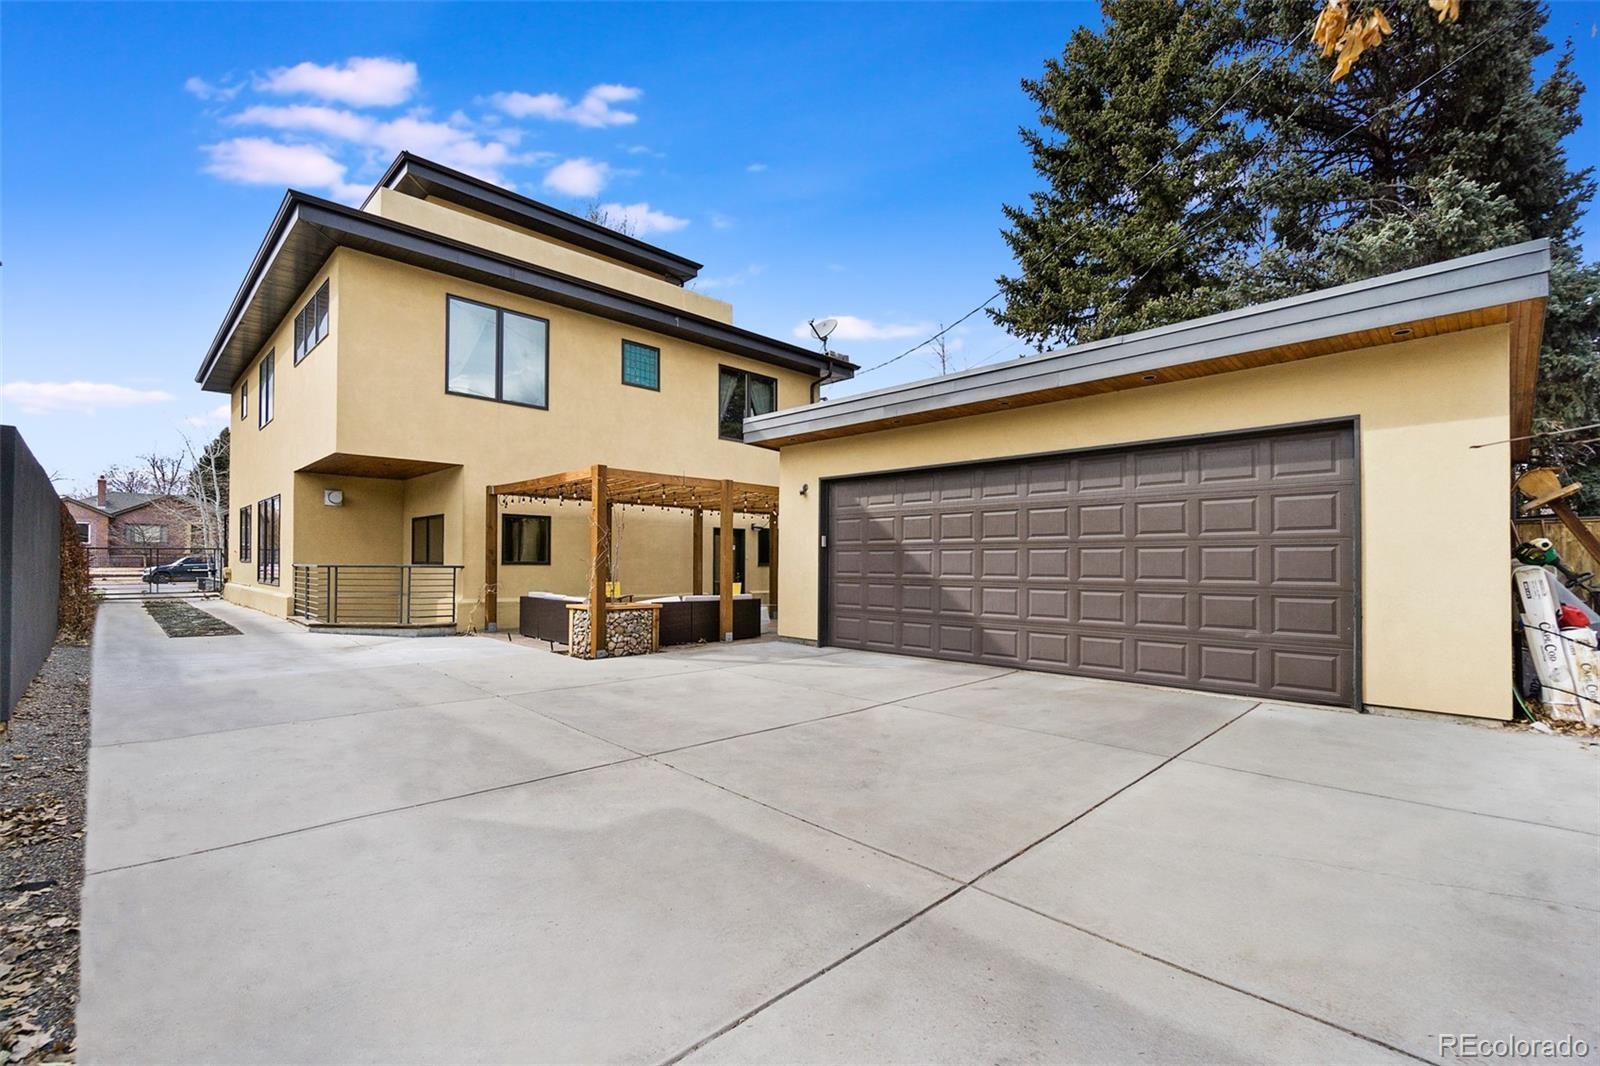 MLS# 2803323 - 37 - 776 Ivanhoe Street, Denver, CO 80220